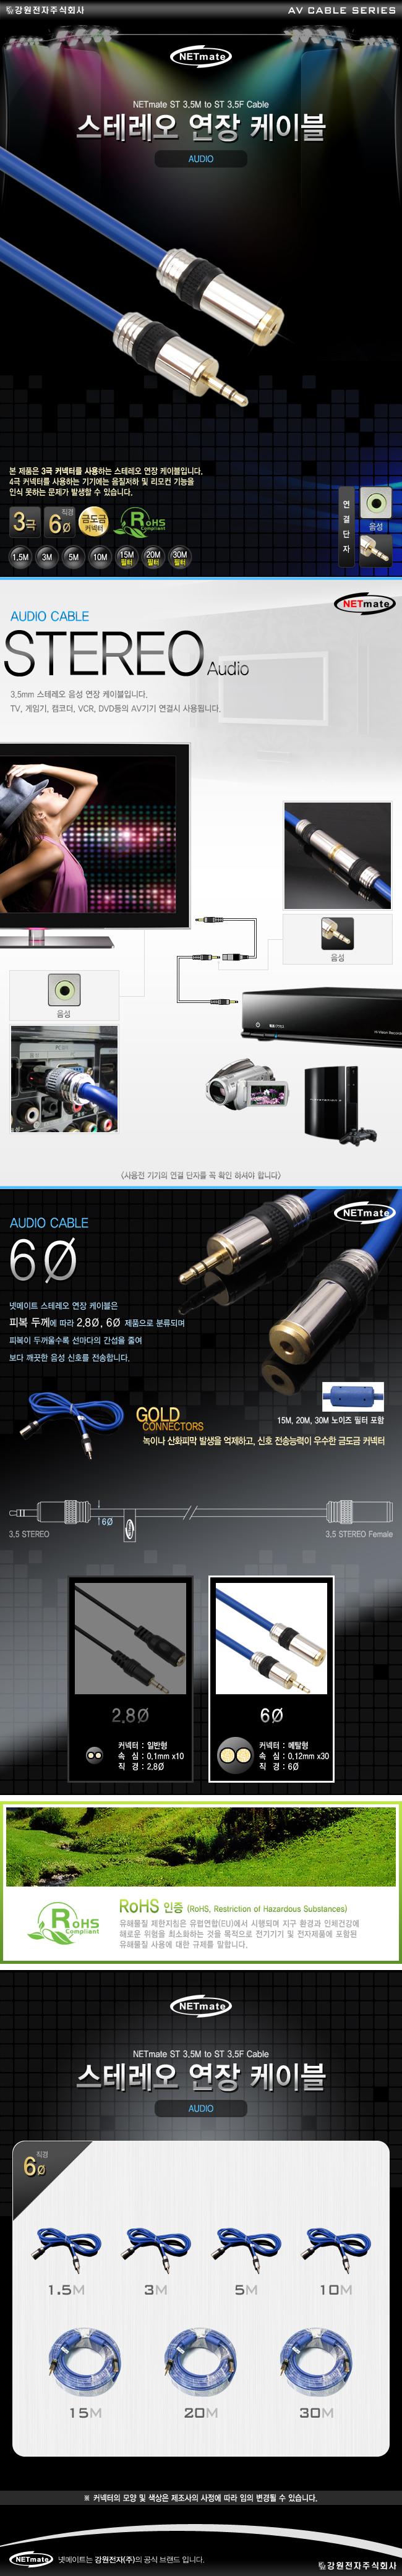 강원전자 NETmate Stereo (M/F) 오디오 연장 케이블 필터 고급형 (NMA-ST3000FS, 30m)